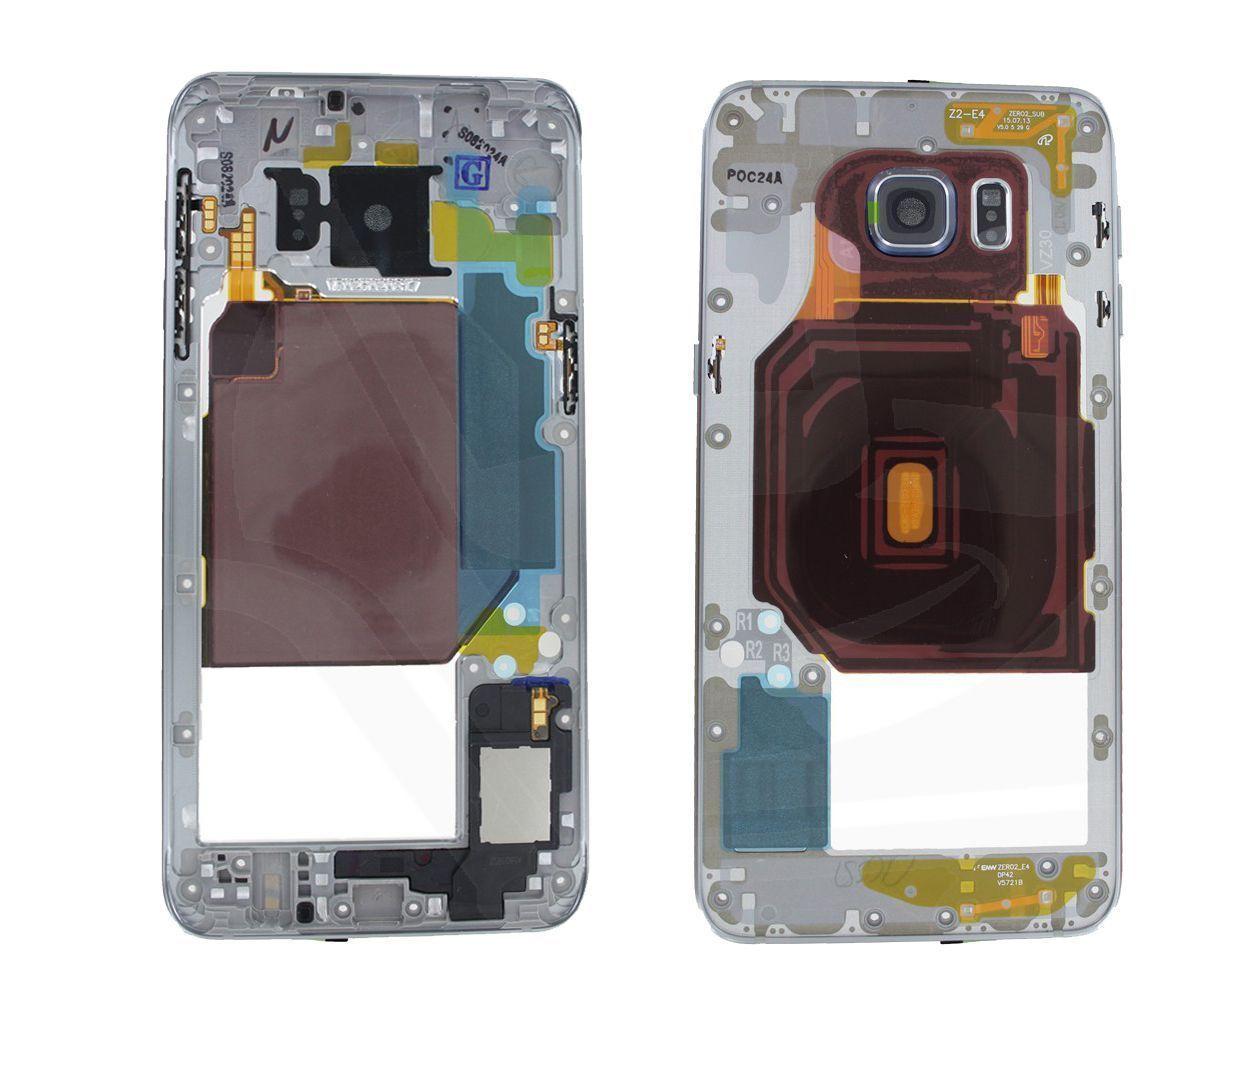 f291d7e5f25 Carcasa trasera negra con lente para Samsung Galaxy S6 Edge+ G928F